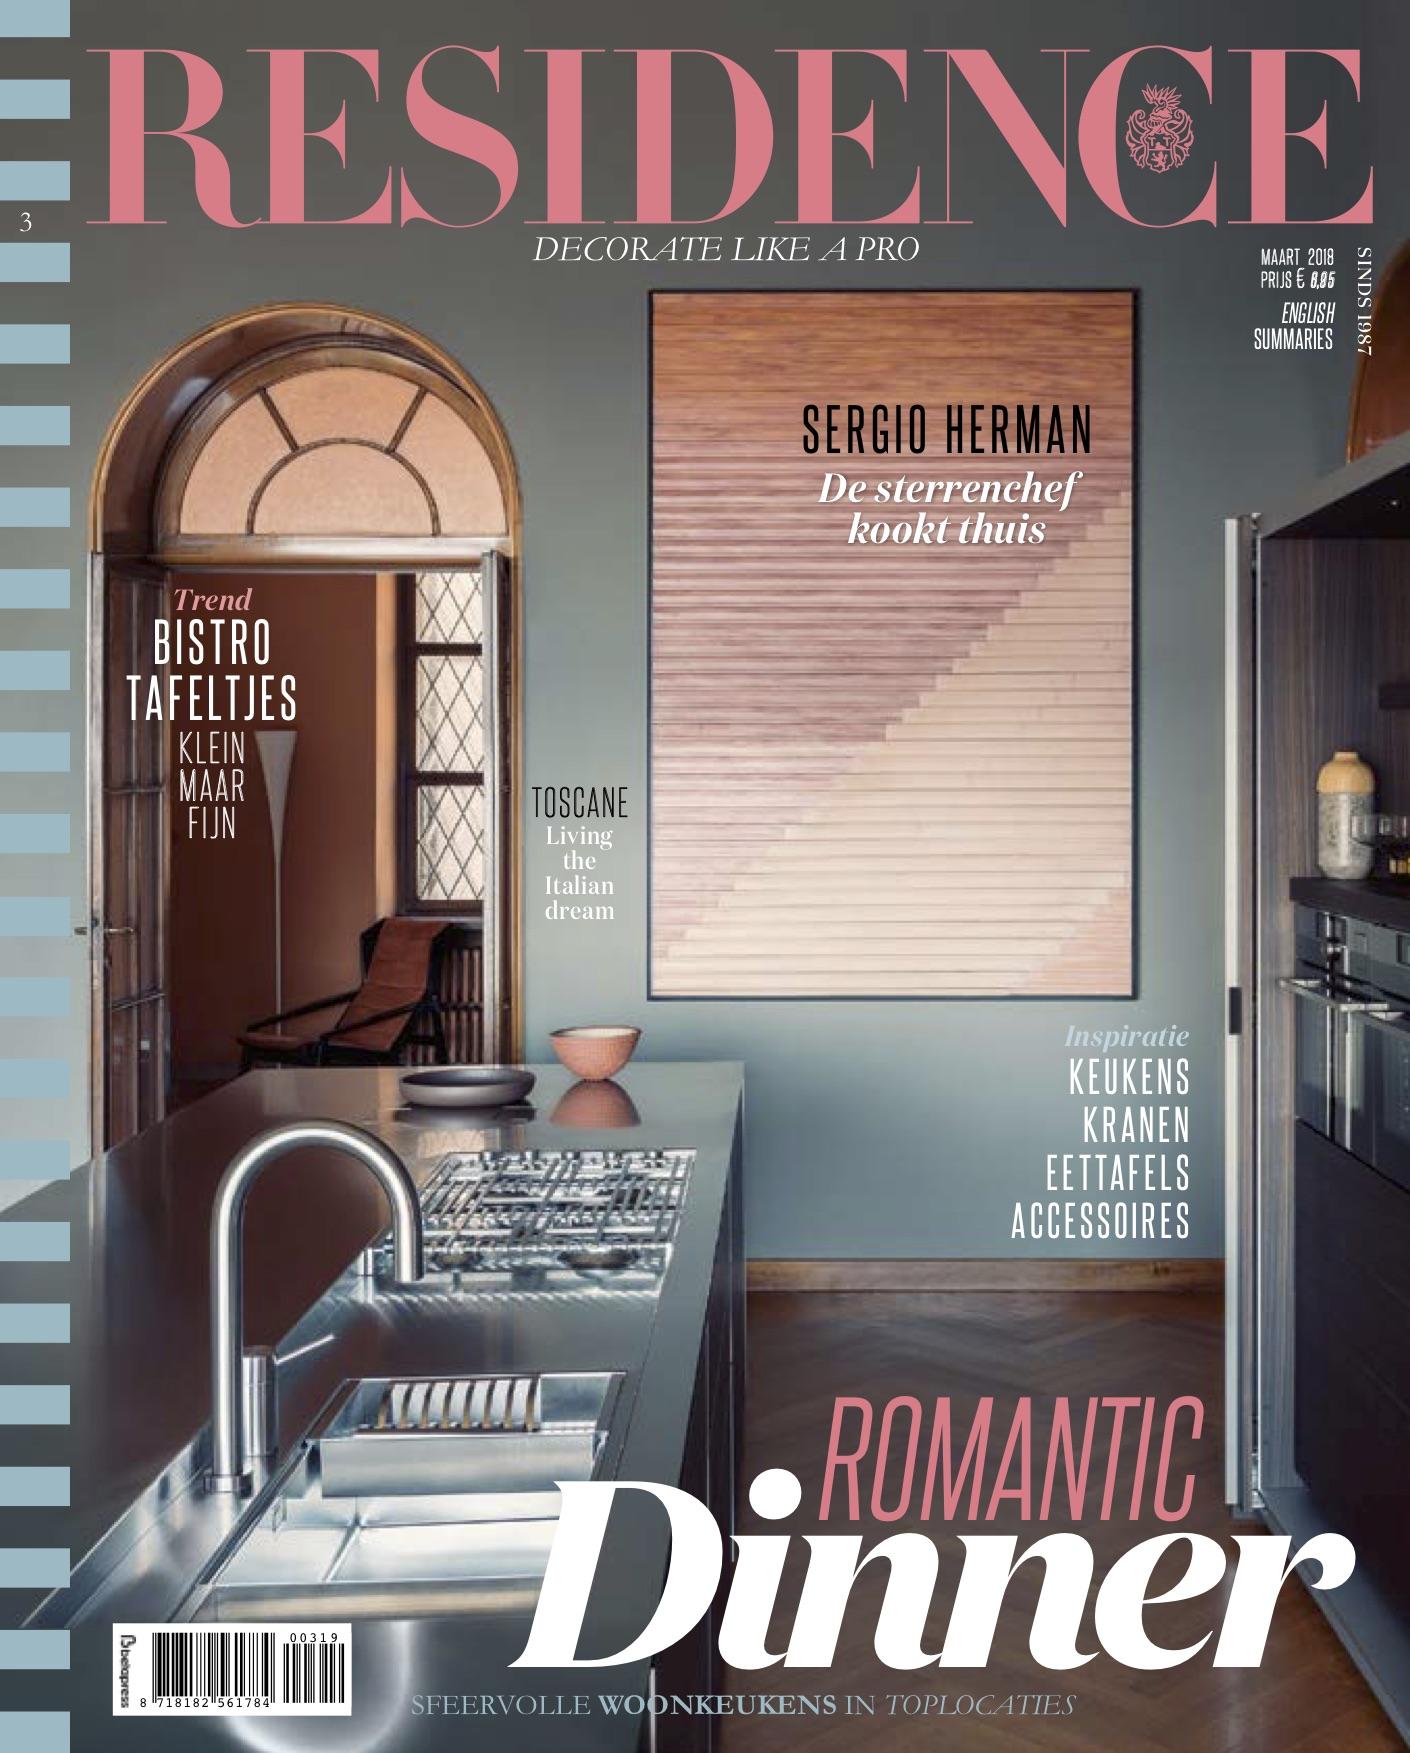 residence cover.jpg